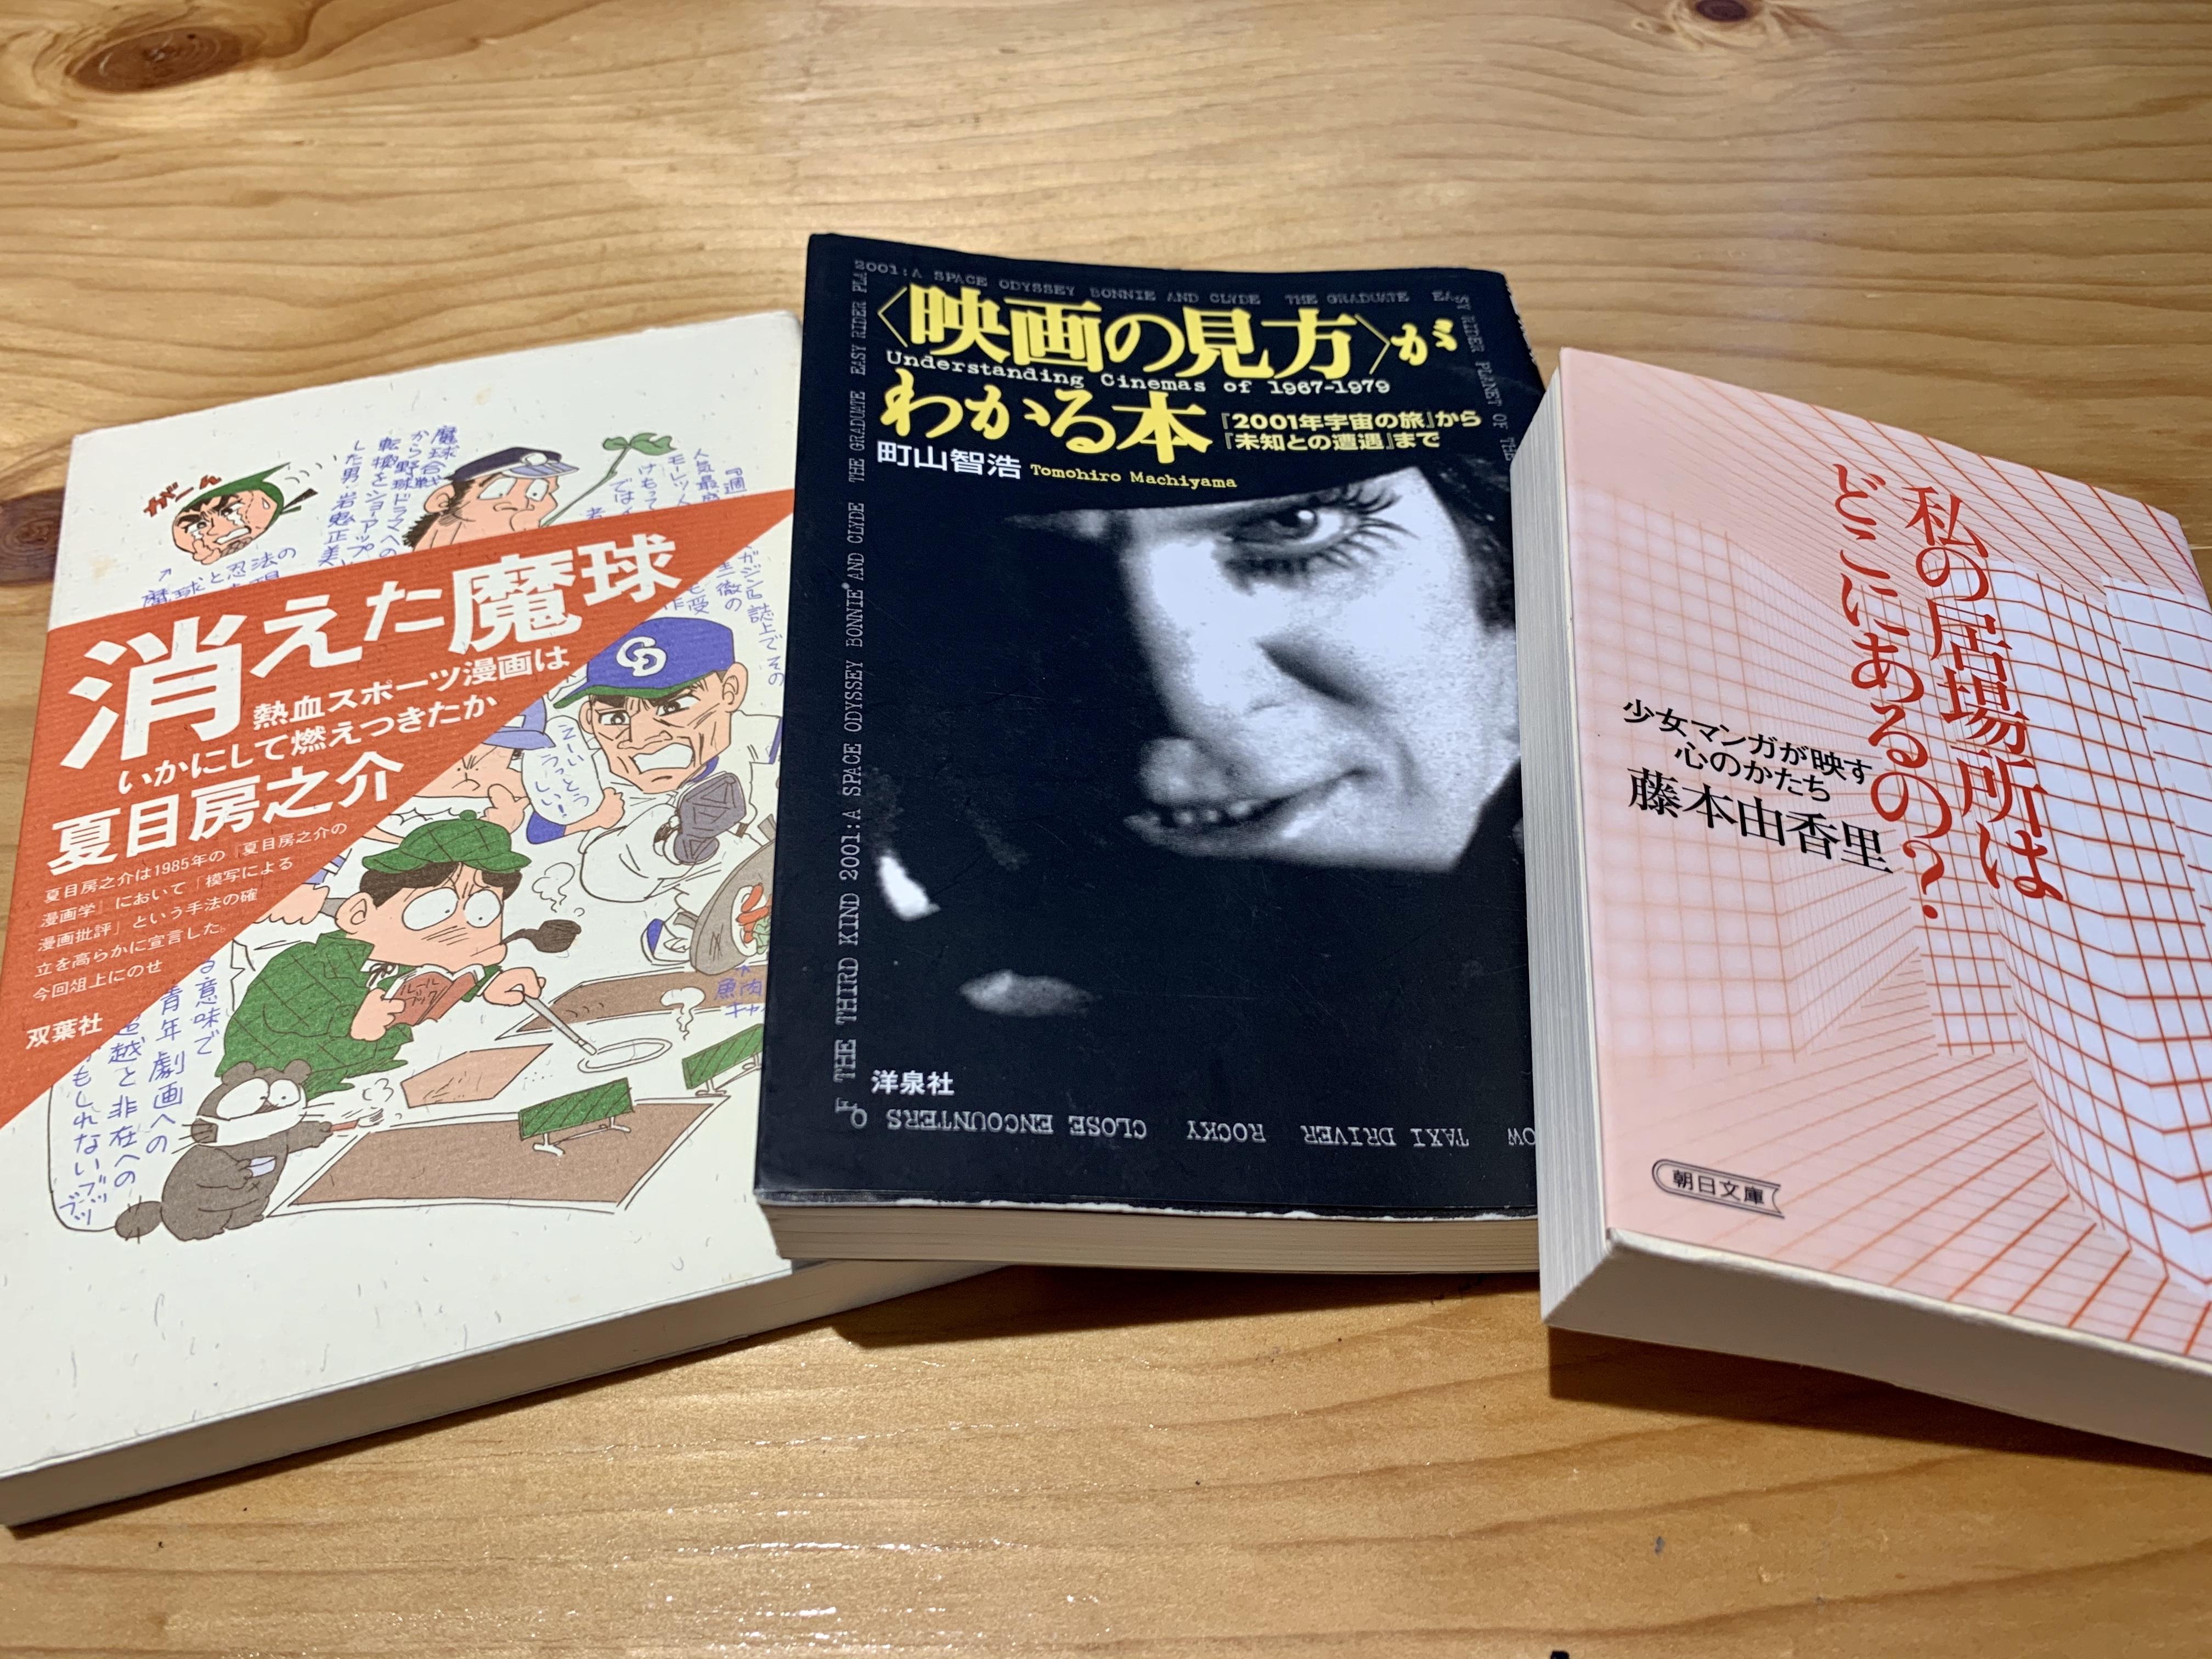 夏目房之介『消えた魔球』、町山智浩『〈映画の見方〉がわかる本』、藤本由香里『私の居場所はどこにあるの?』